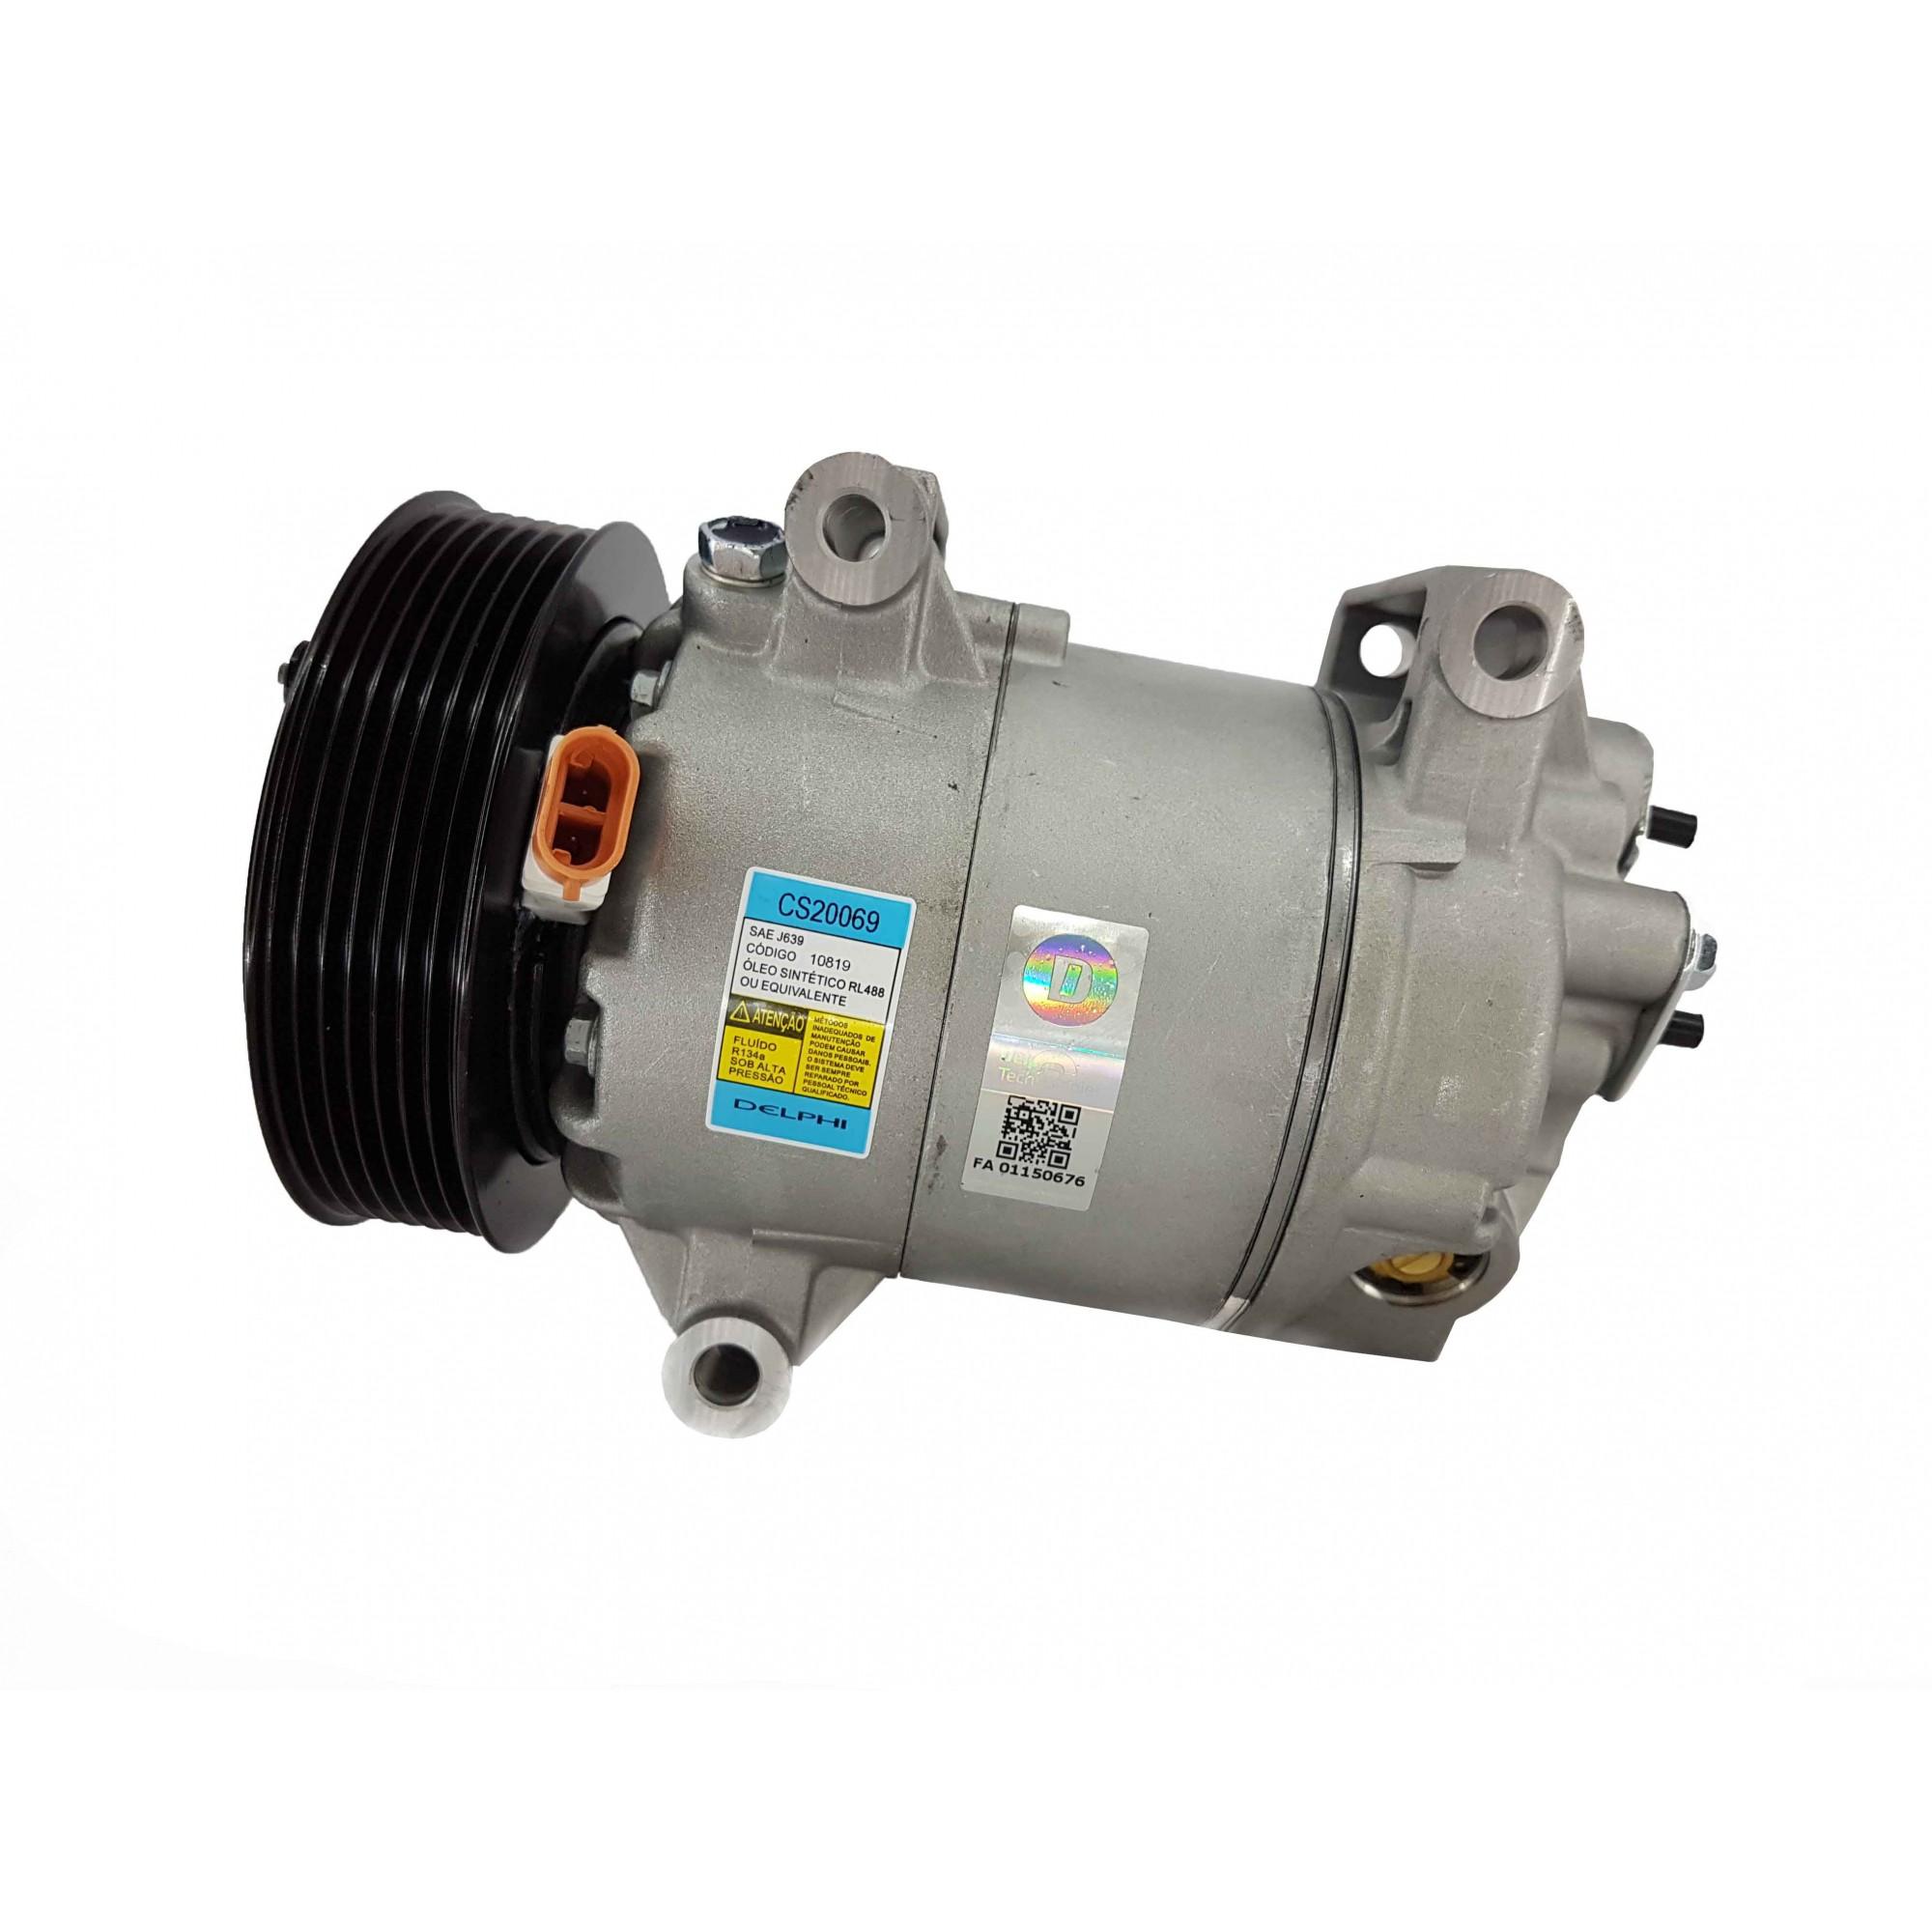 Compressor Megane 2.0 2007 até 2012 - Original DELPHI